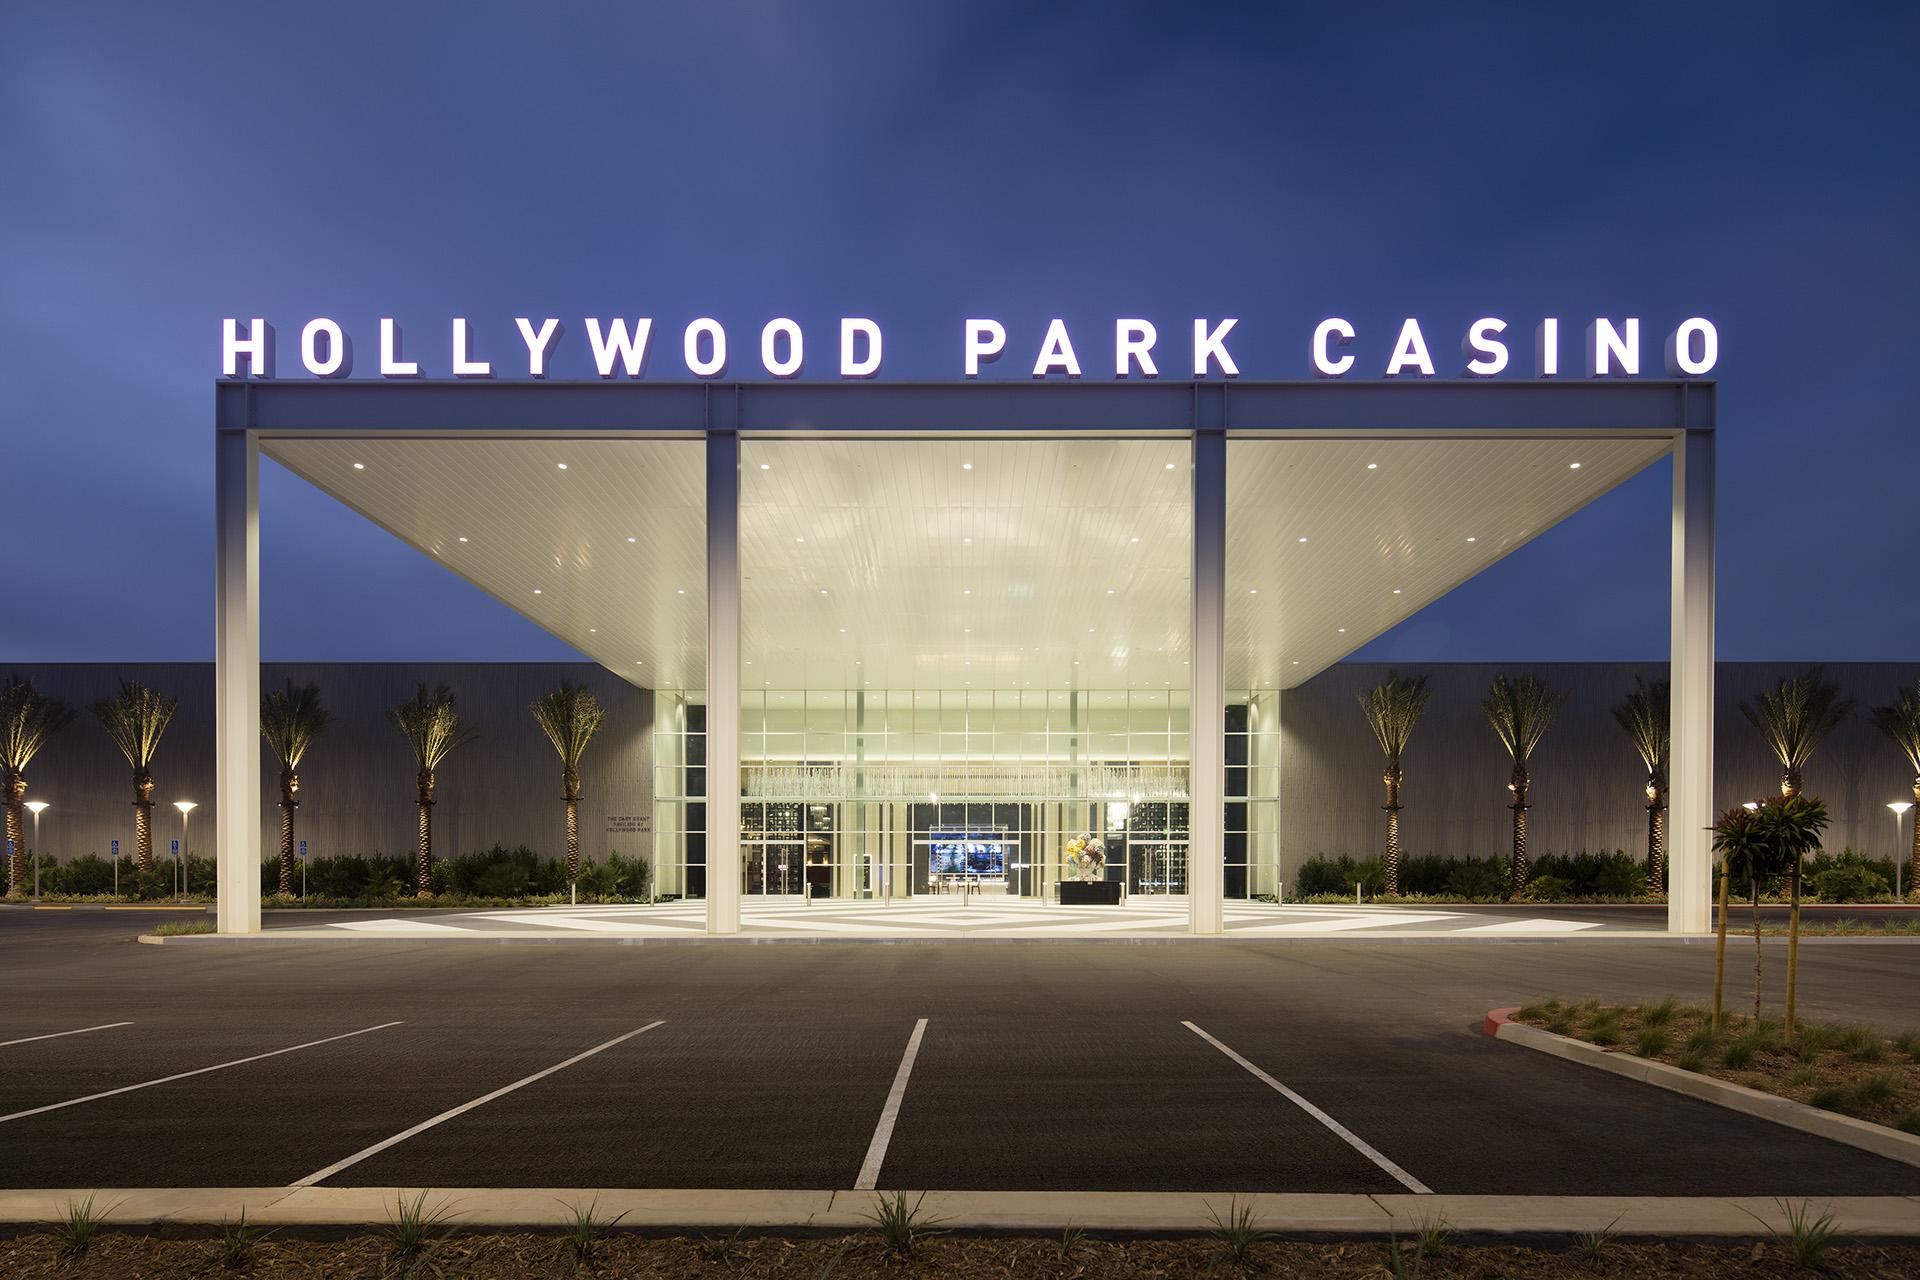 Hollywood Park Casino Entrance - Photo by Misha Bruk of Bruk studios